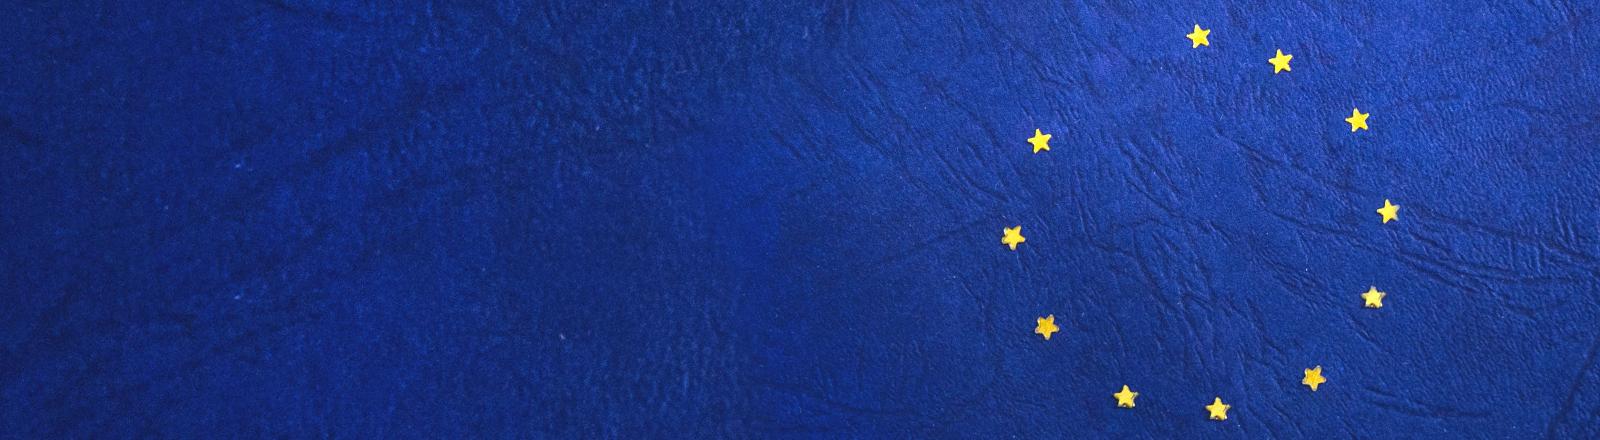 Die Flagge der Europäischen Union, doch einer der zwölf Sterne fehlt.